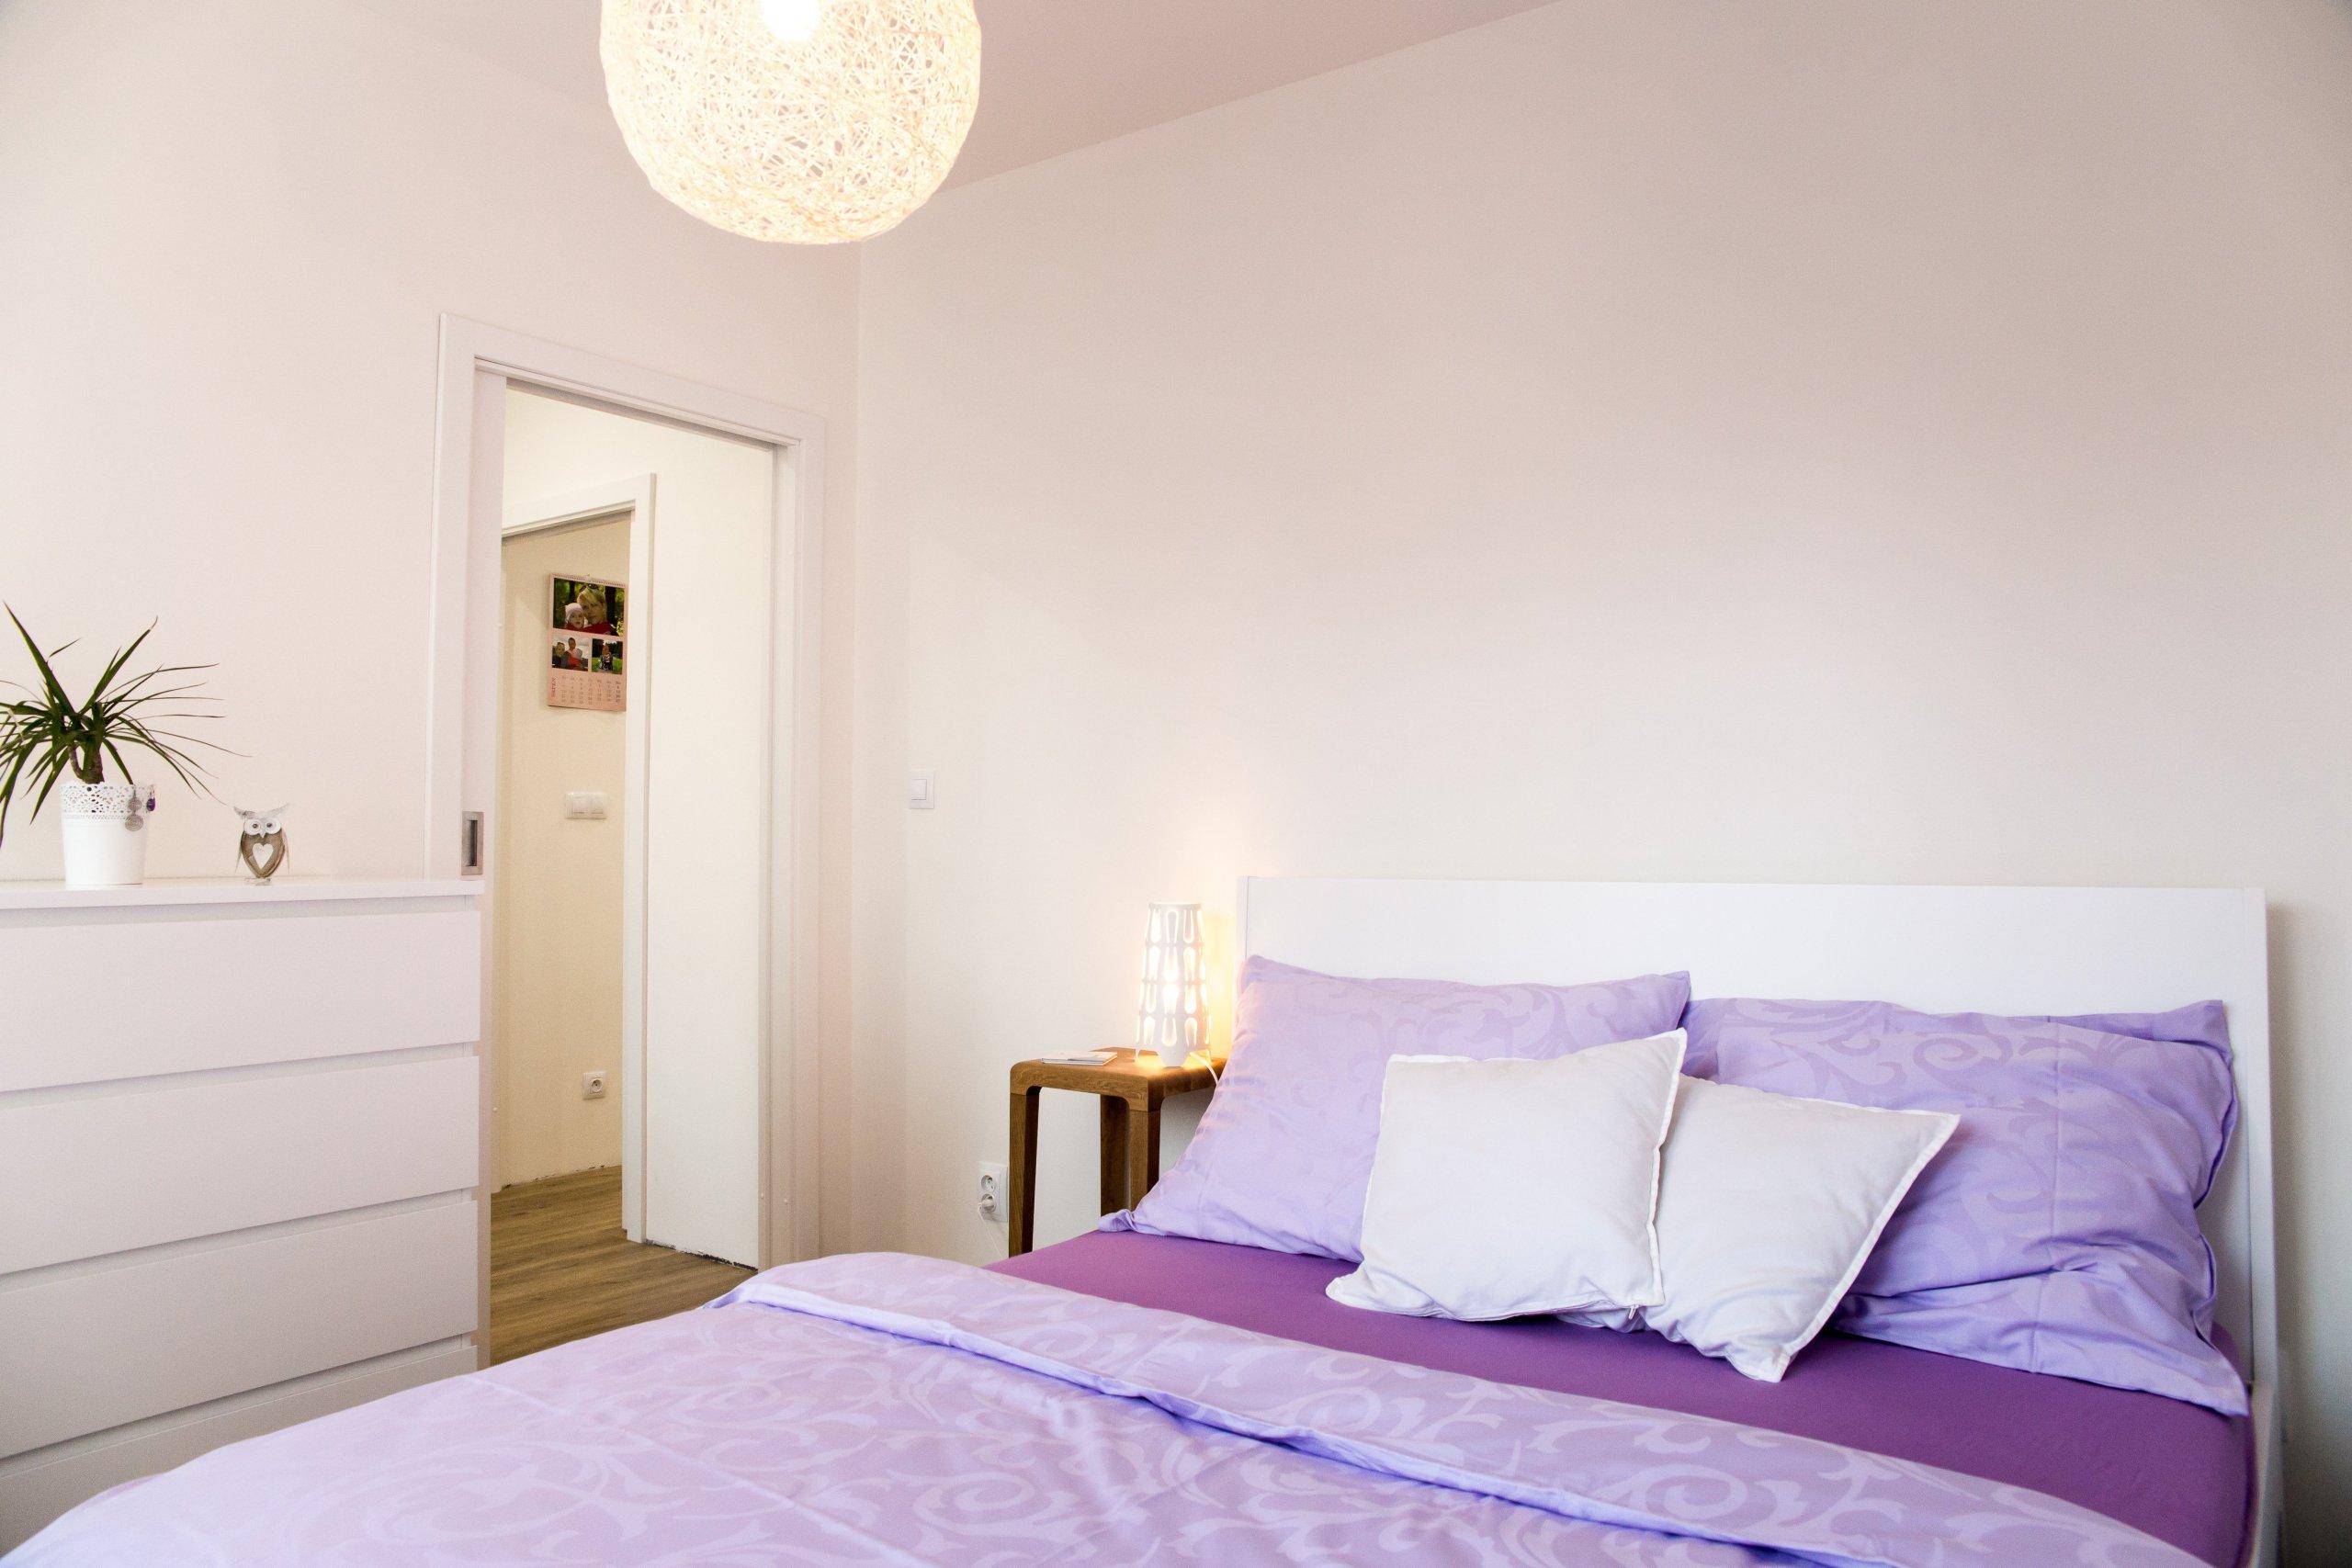 Investorka Hanka zNového Jičína toužila po přeměně bytu 2+kk spůvodní dispozicí vpanelovém domě ve fungující, vzdušný a moderní prostor.…